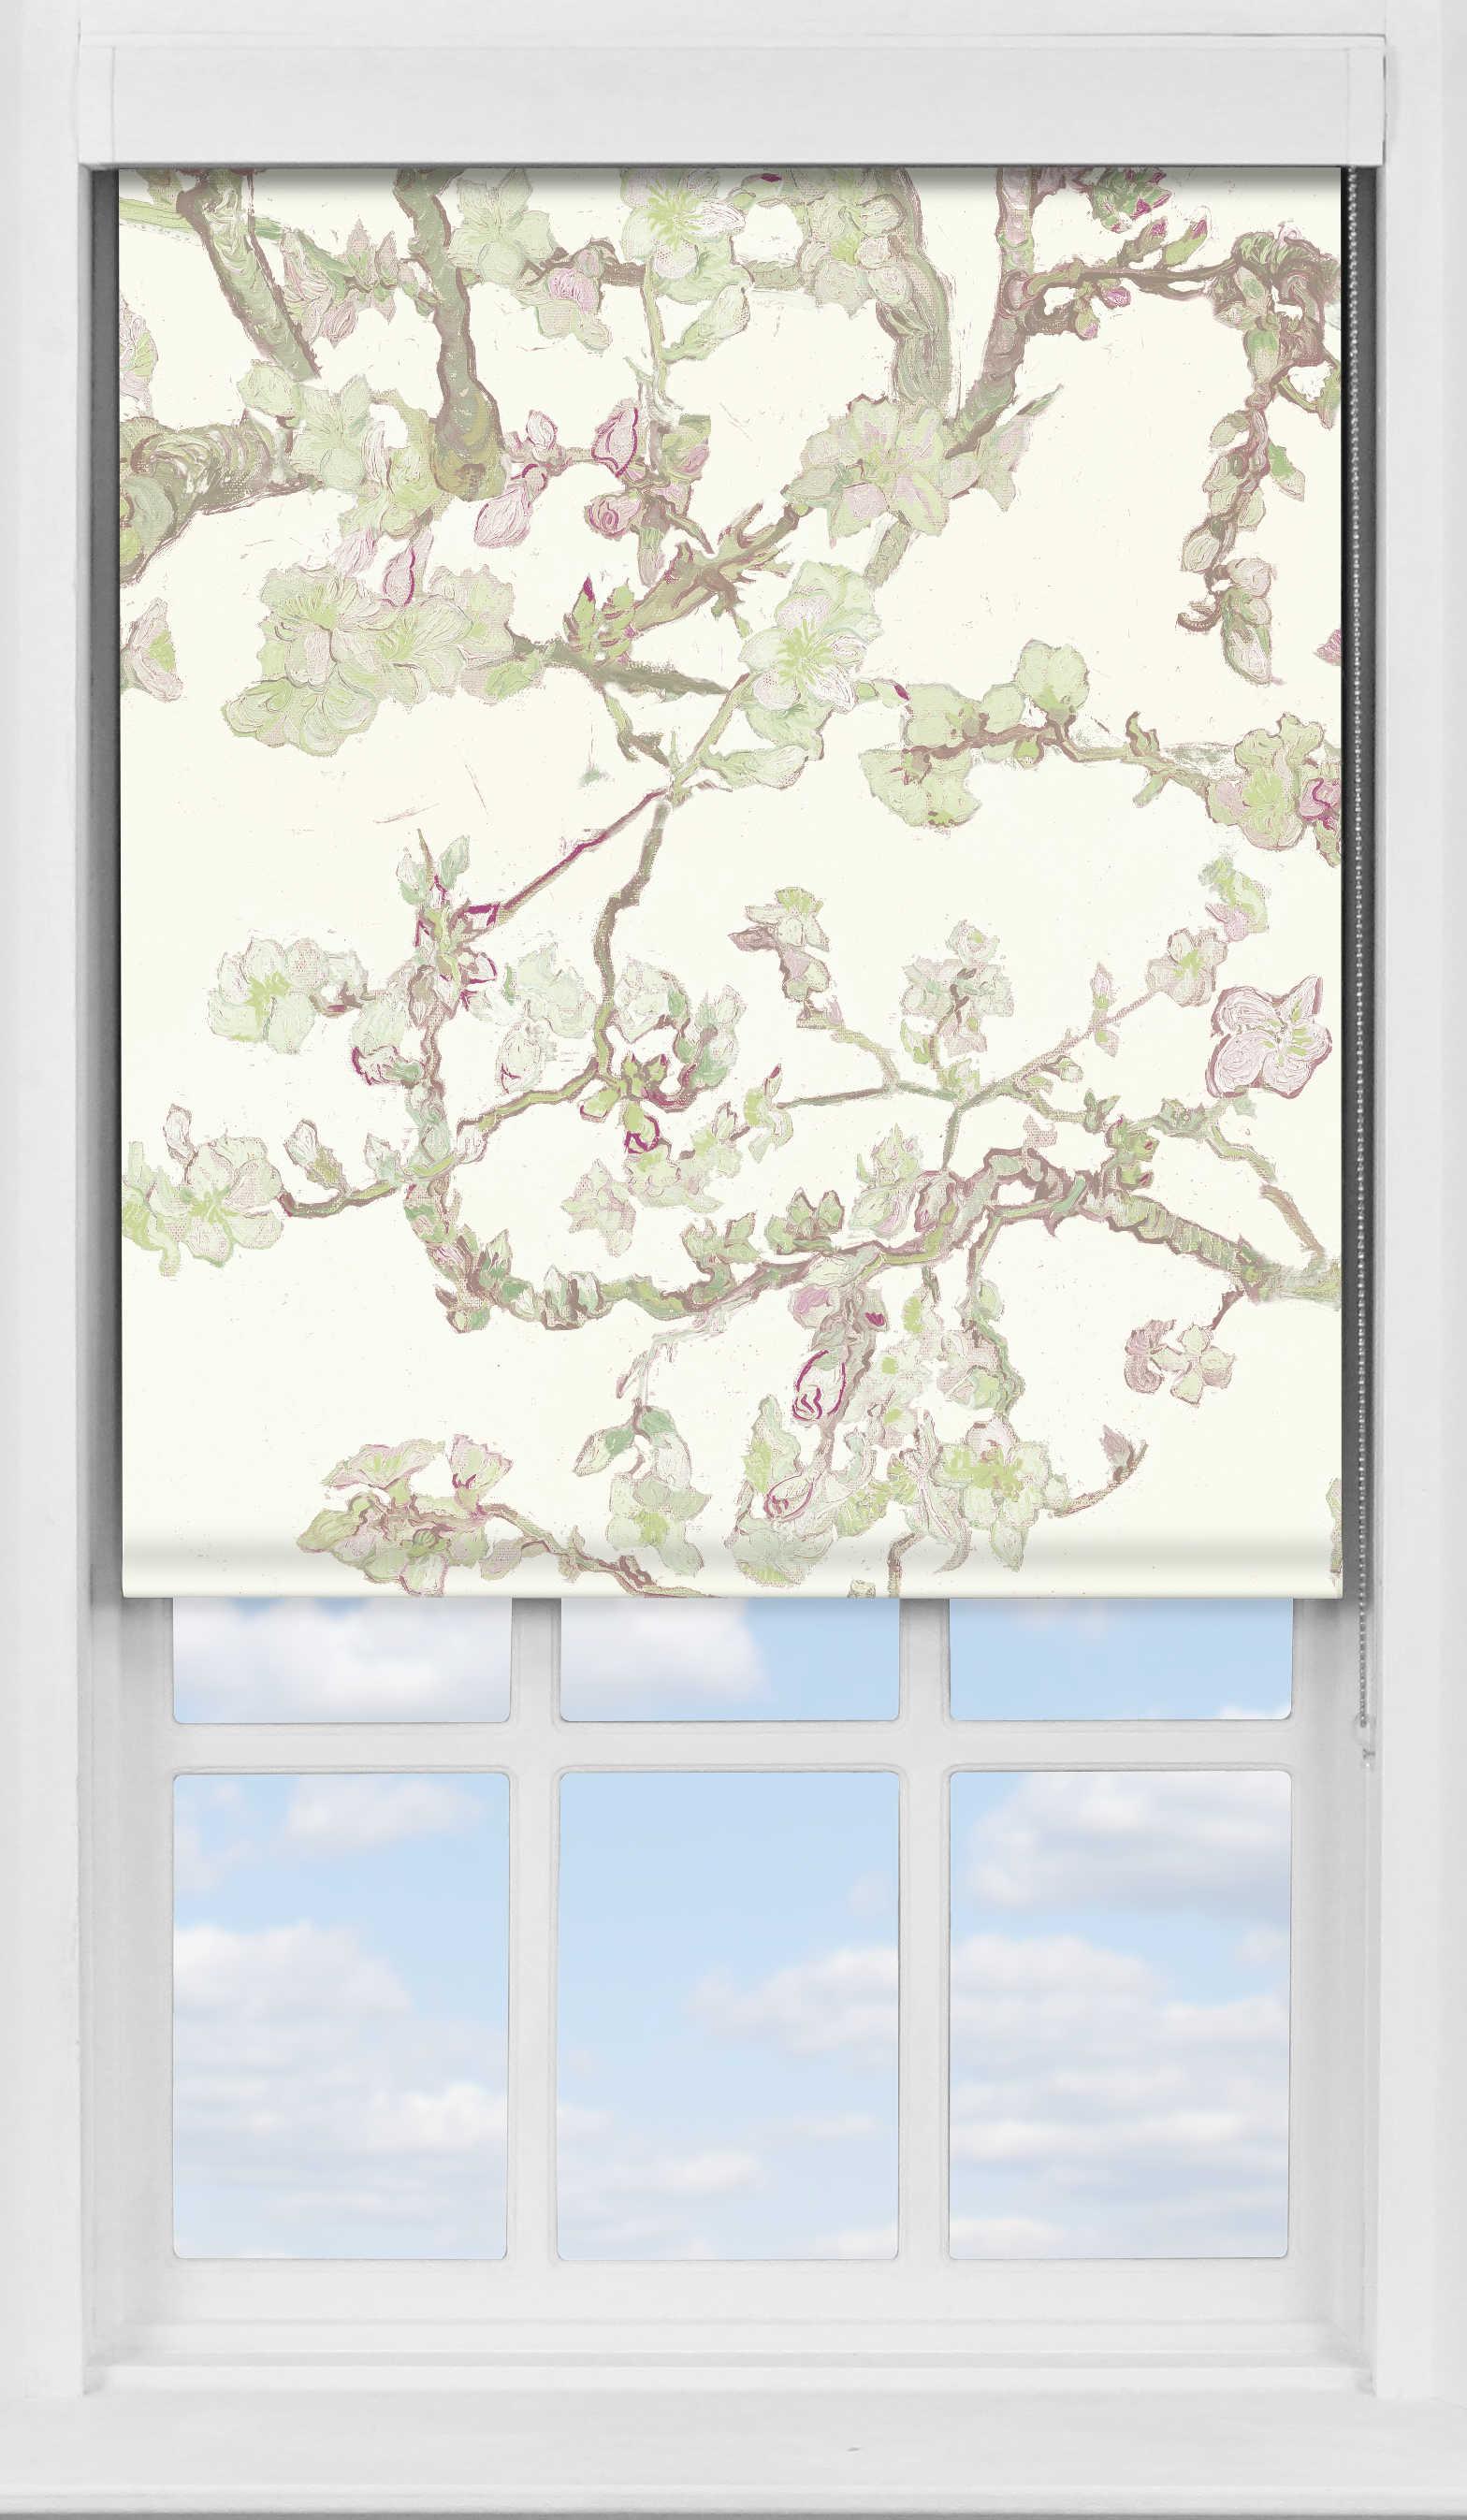 Premium Roller Blind in Van Gogh Almond Blossom White Blackout